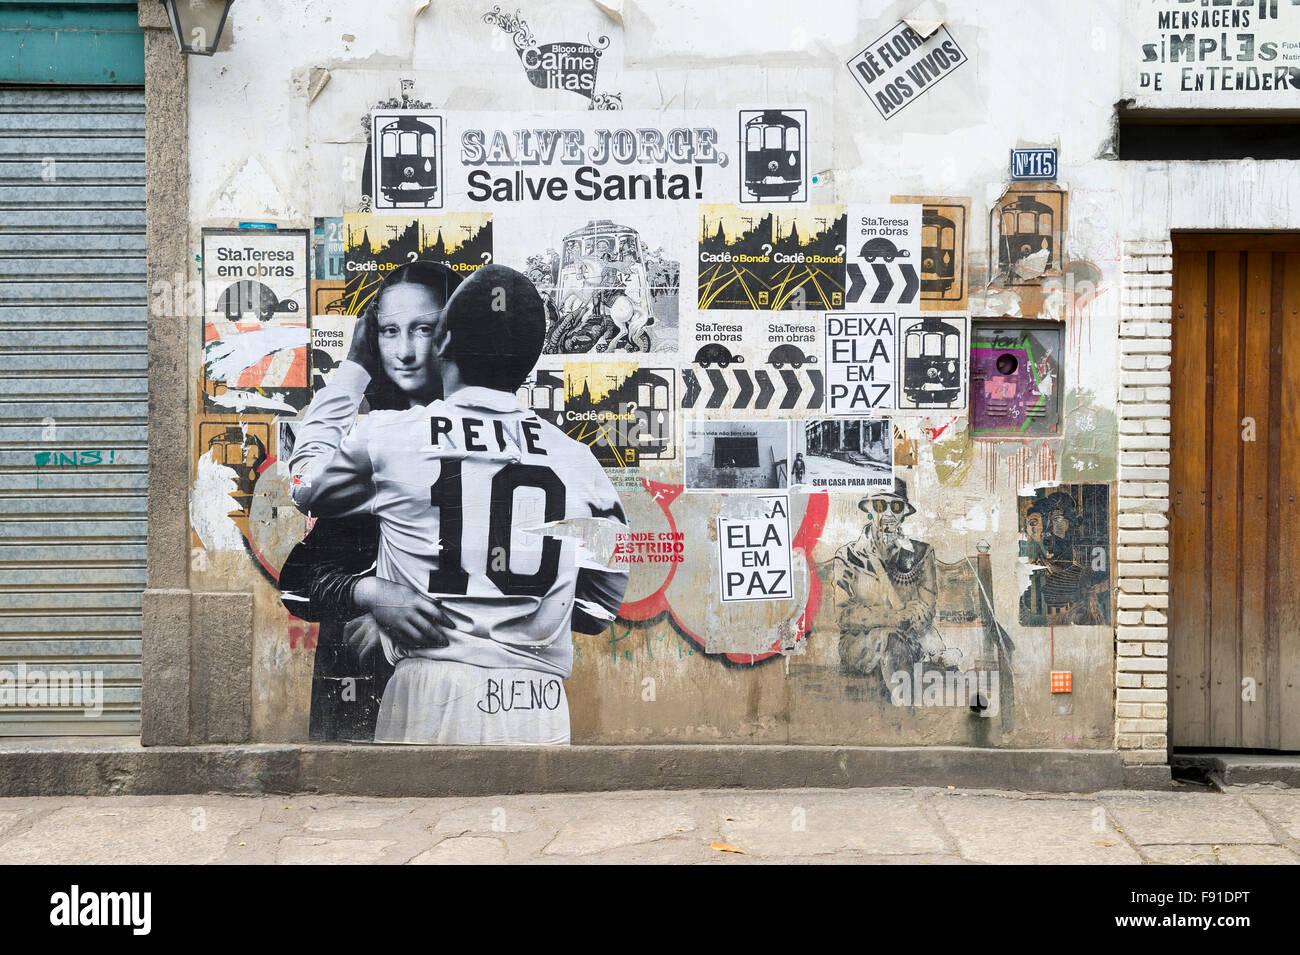 Río de Janeiro, Brasil - 22 de octubre de 2015: Street Art, representando un abrazo íntimo entre las estrellas Imagen De Stock